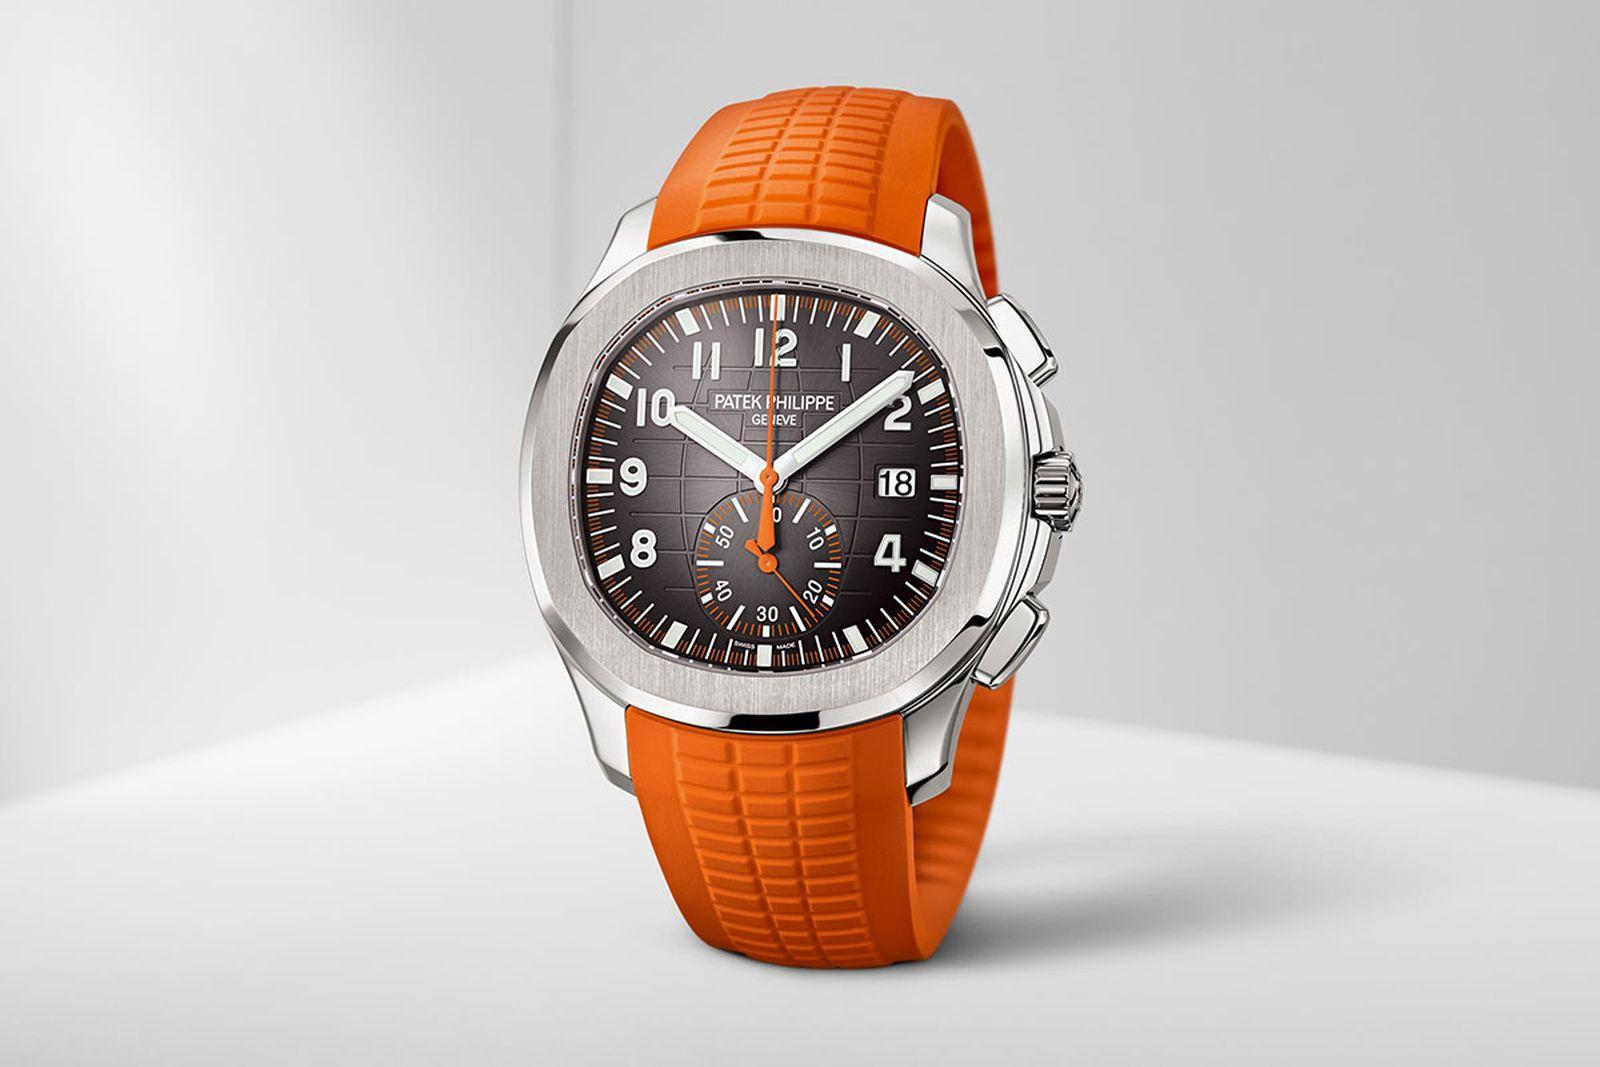 drake patek philippe watch